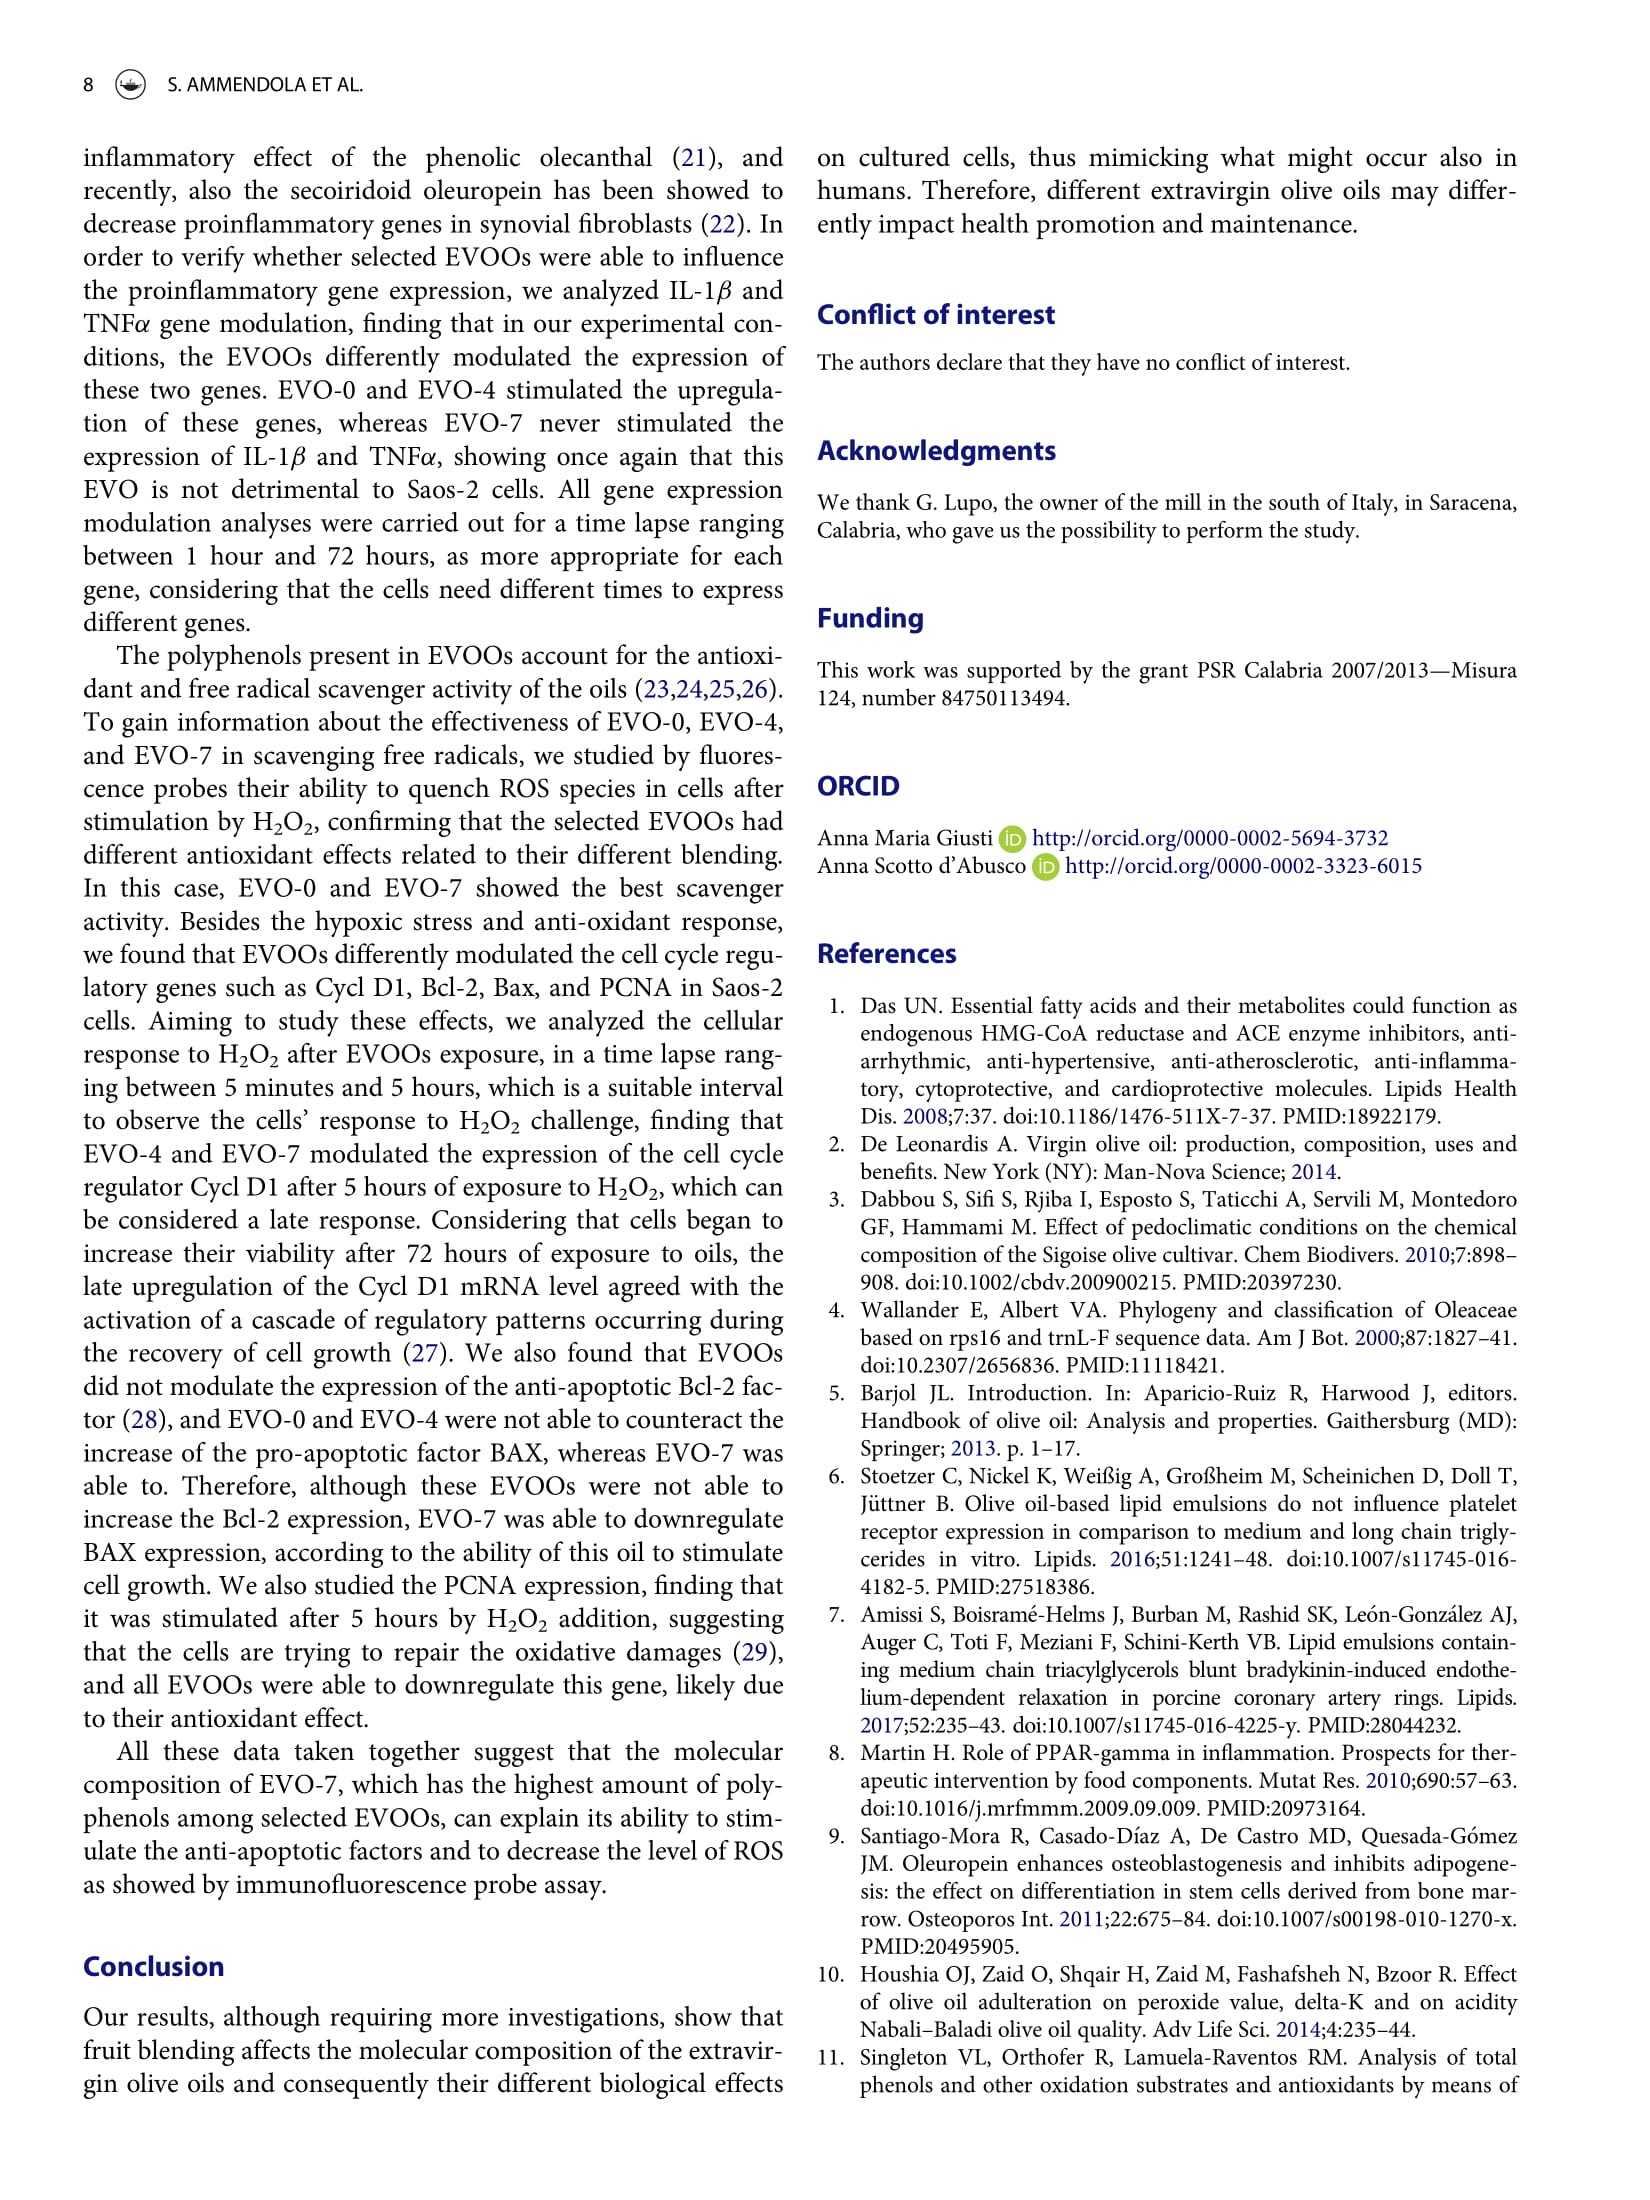 Olio EVO di Saracena CS, Vendita Olio d'Oliva ExtraVergine Biologico Certificato, Olio di Oliva ExtraVergine Biologico Estratto a Freddo